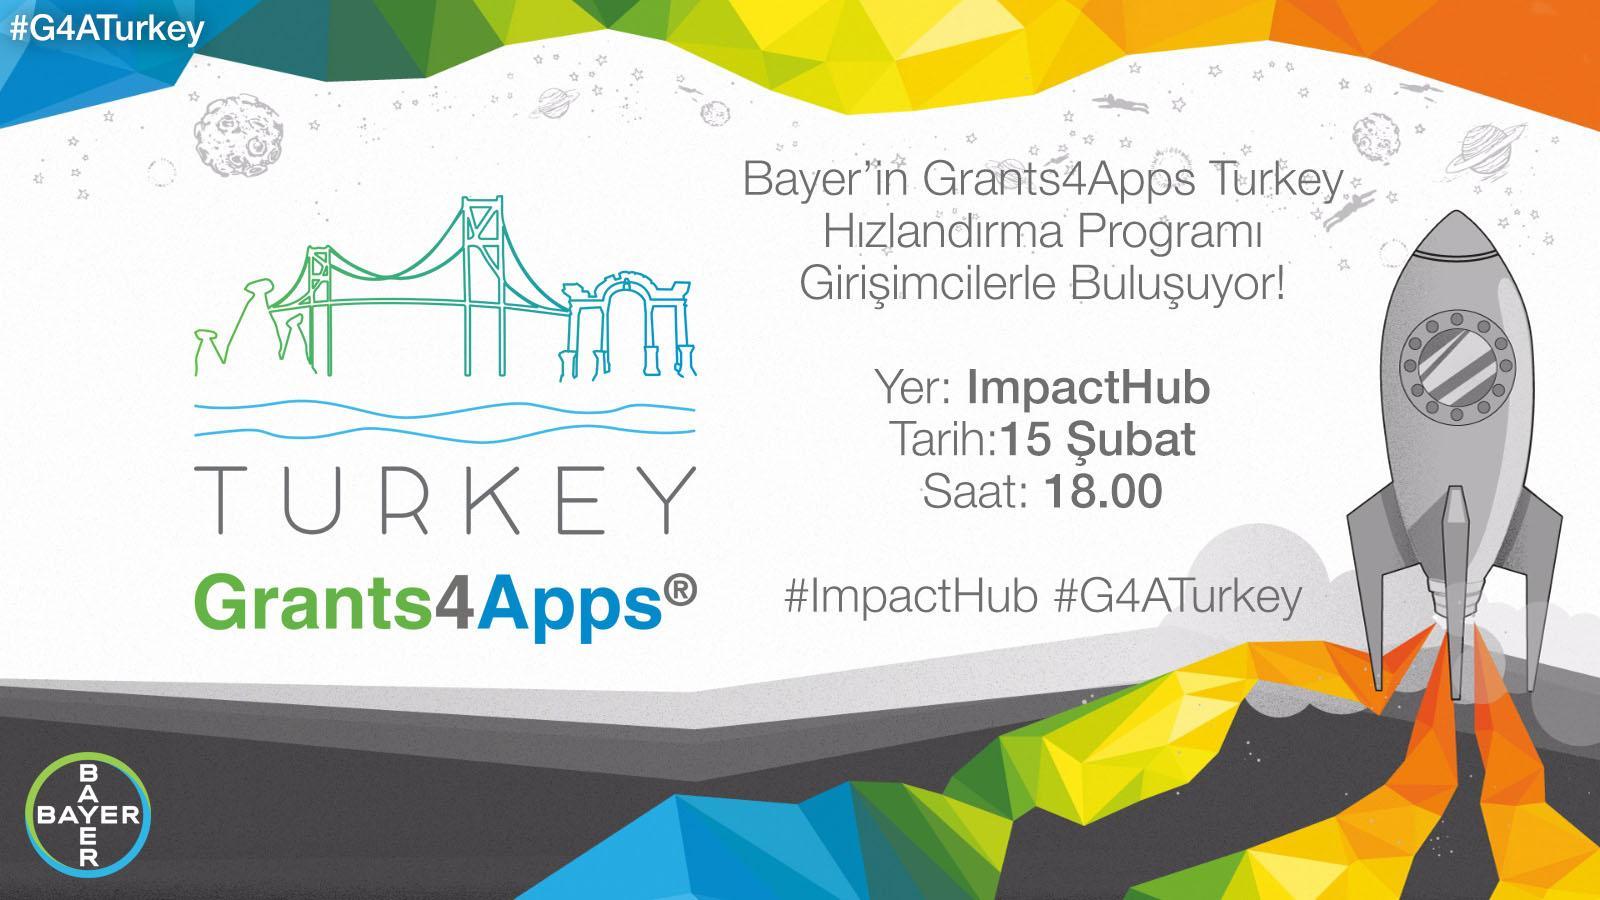 Impact Hub'da BAYER Grants4Apps Turkey Girişimcilerle Buluşuyor Etkinlik Afişi